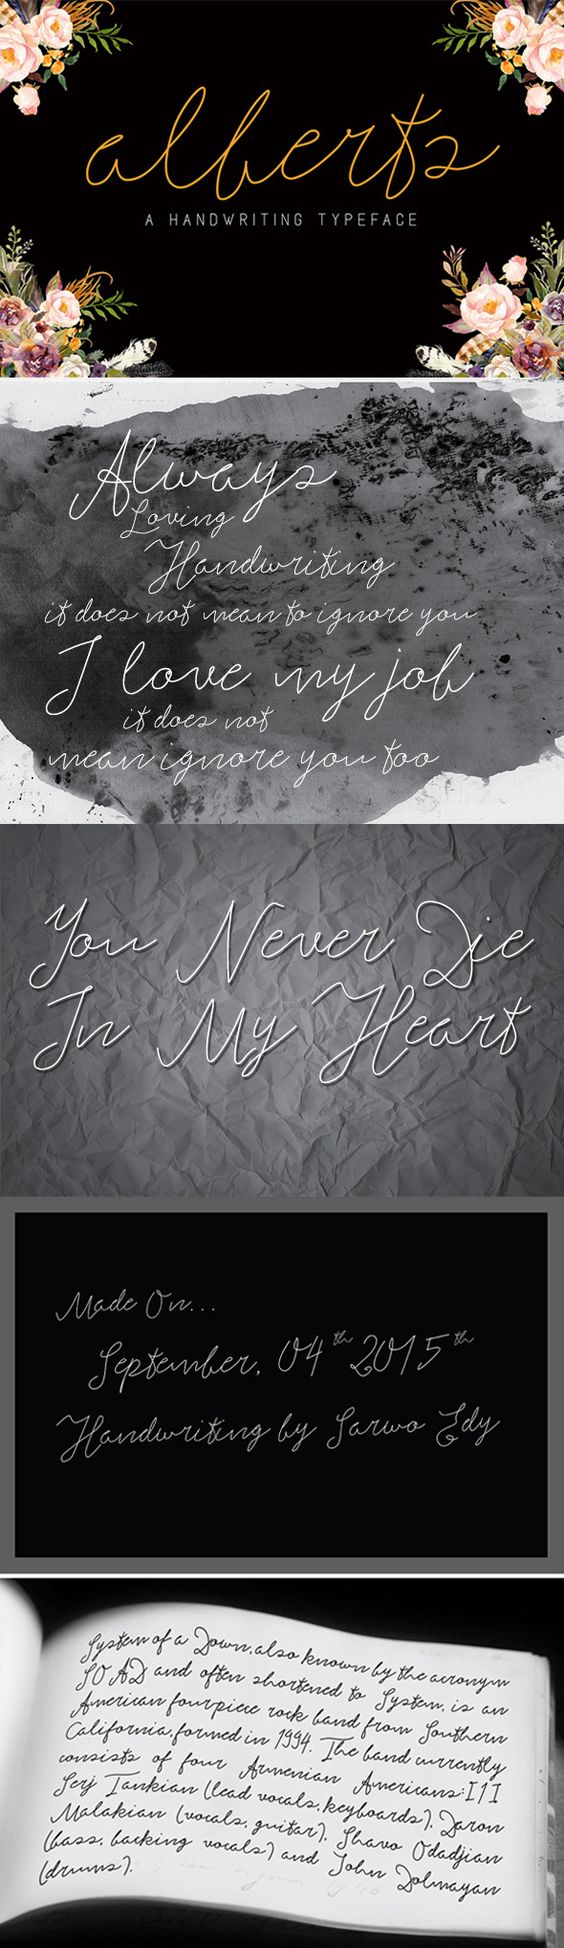 Alberts Script Font